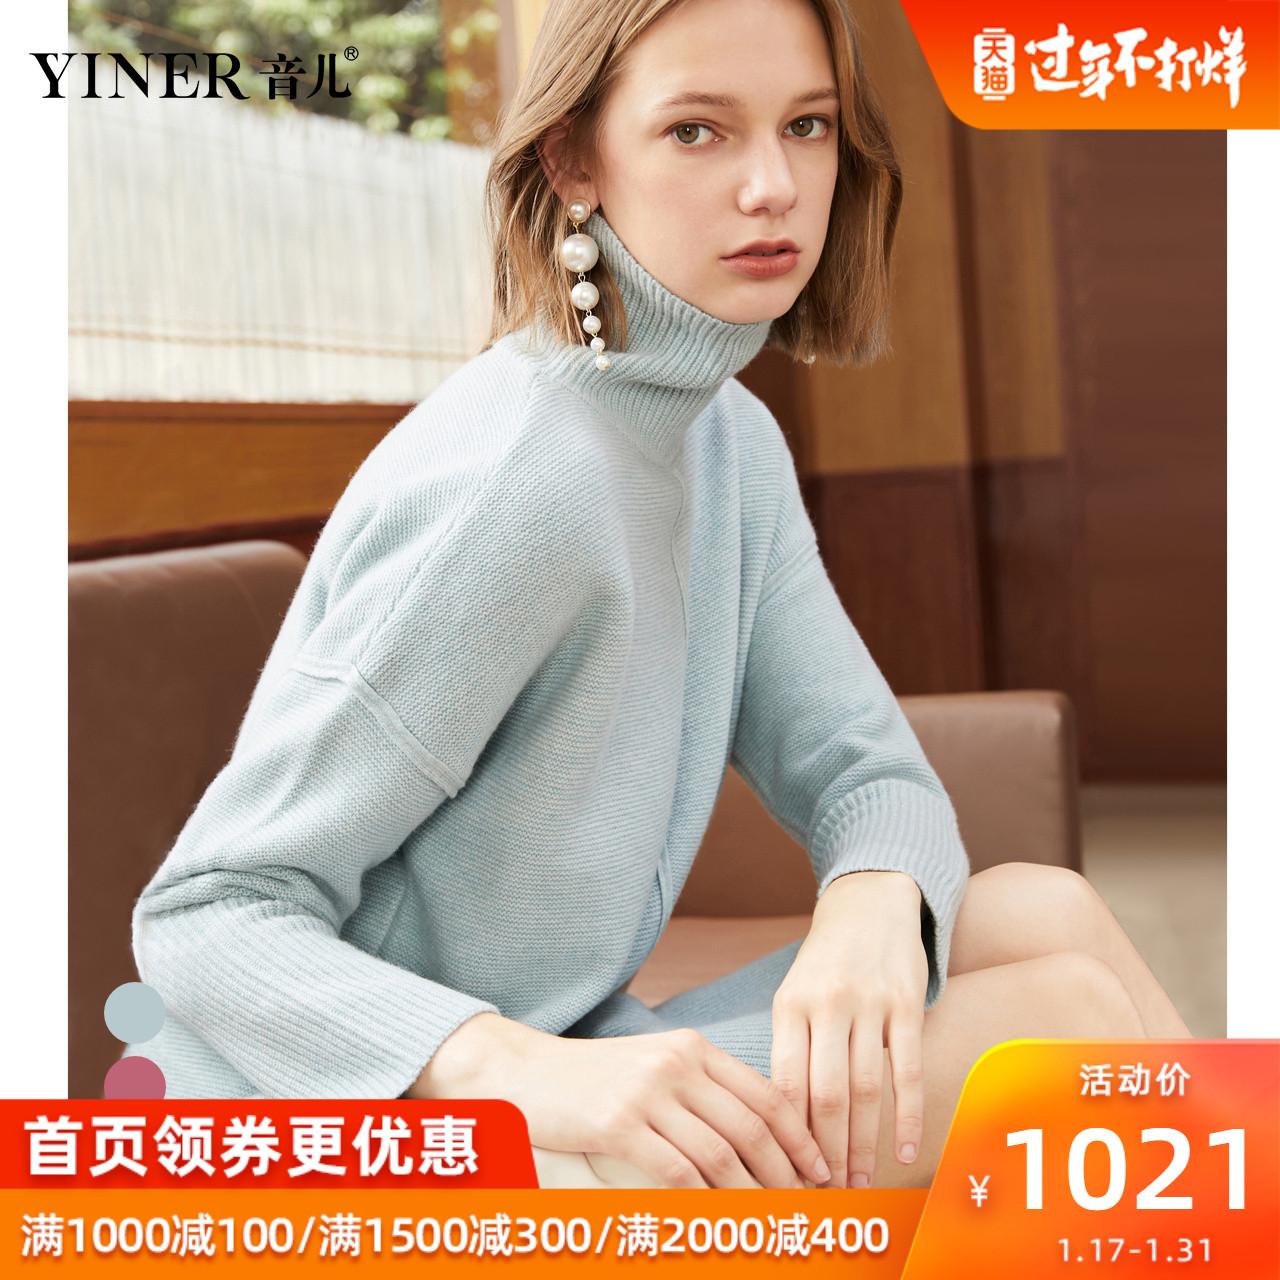 YINER羊毛高领2019冬新款纯色女装音儿中长款宽松纯时尚针织衫